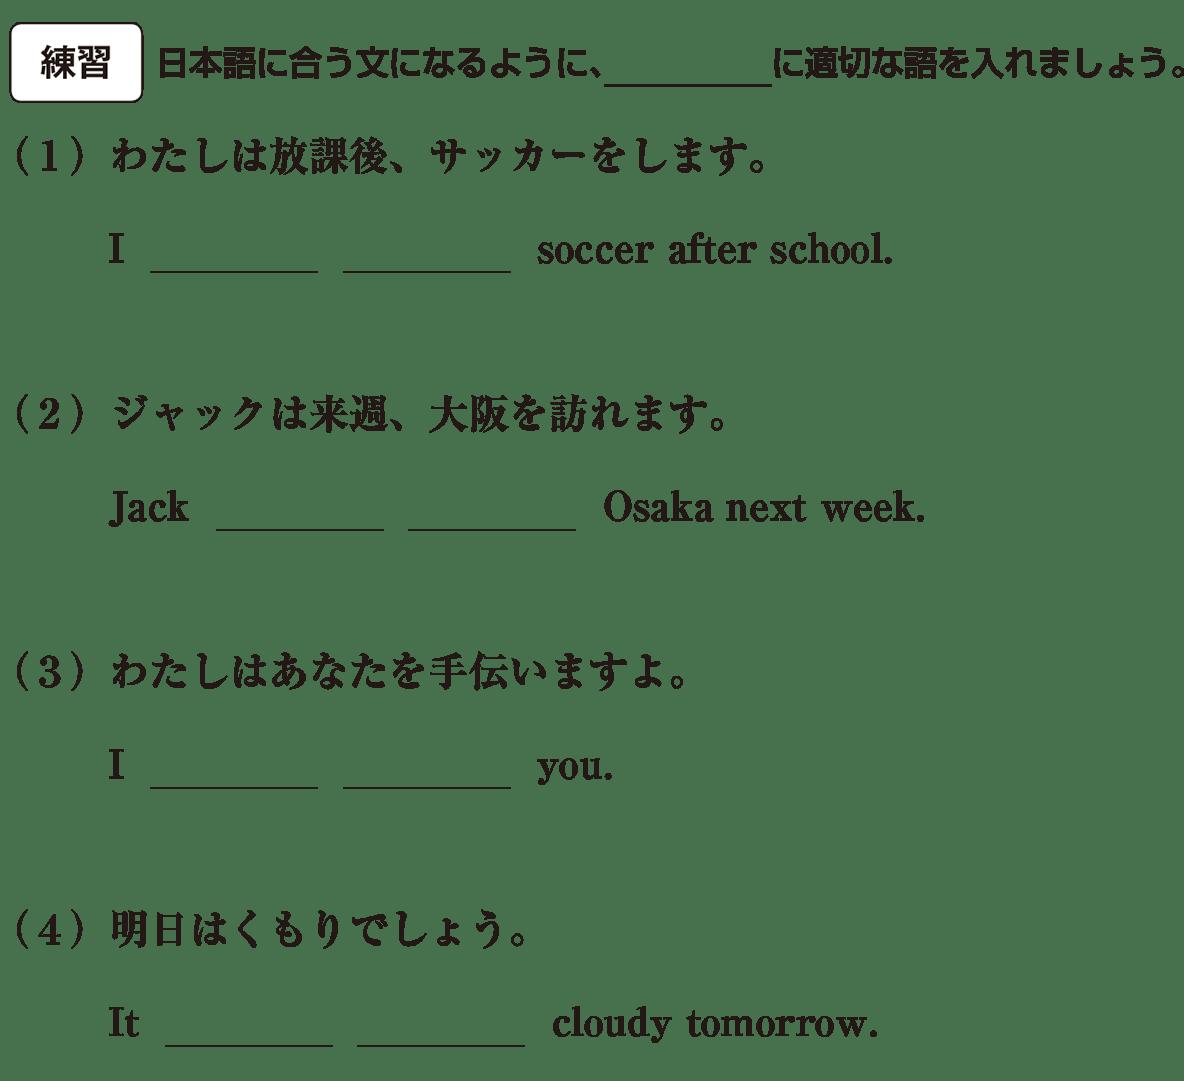 中2 英語59 練習